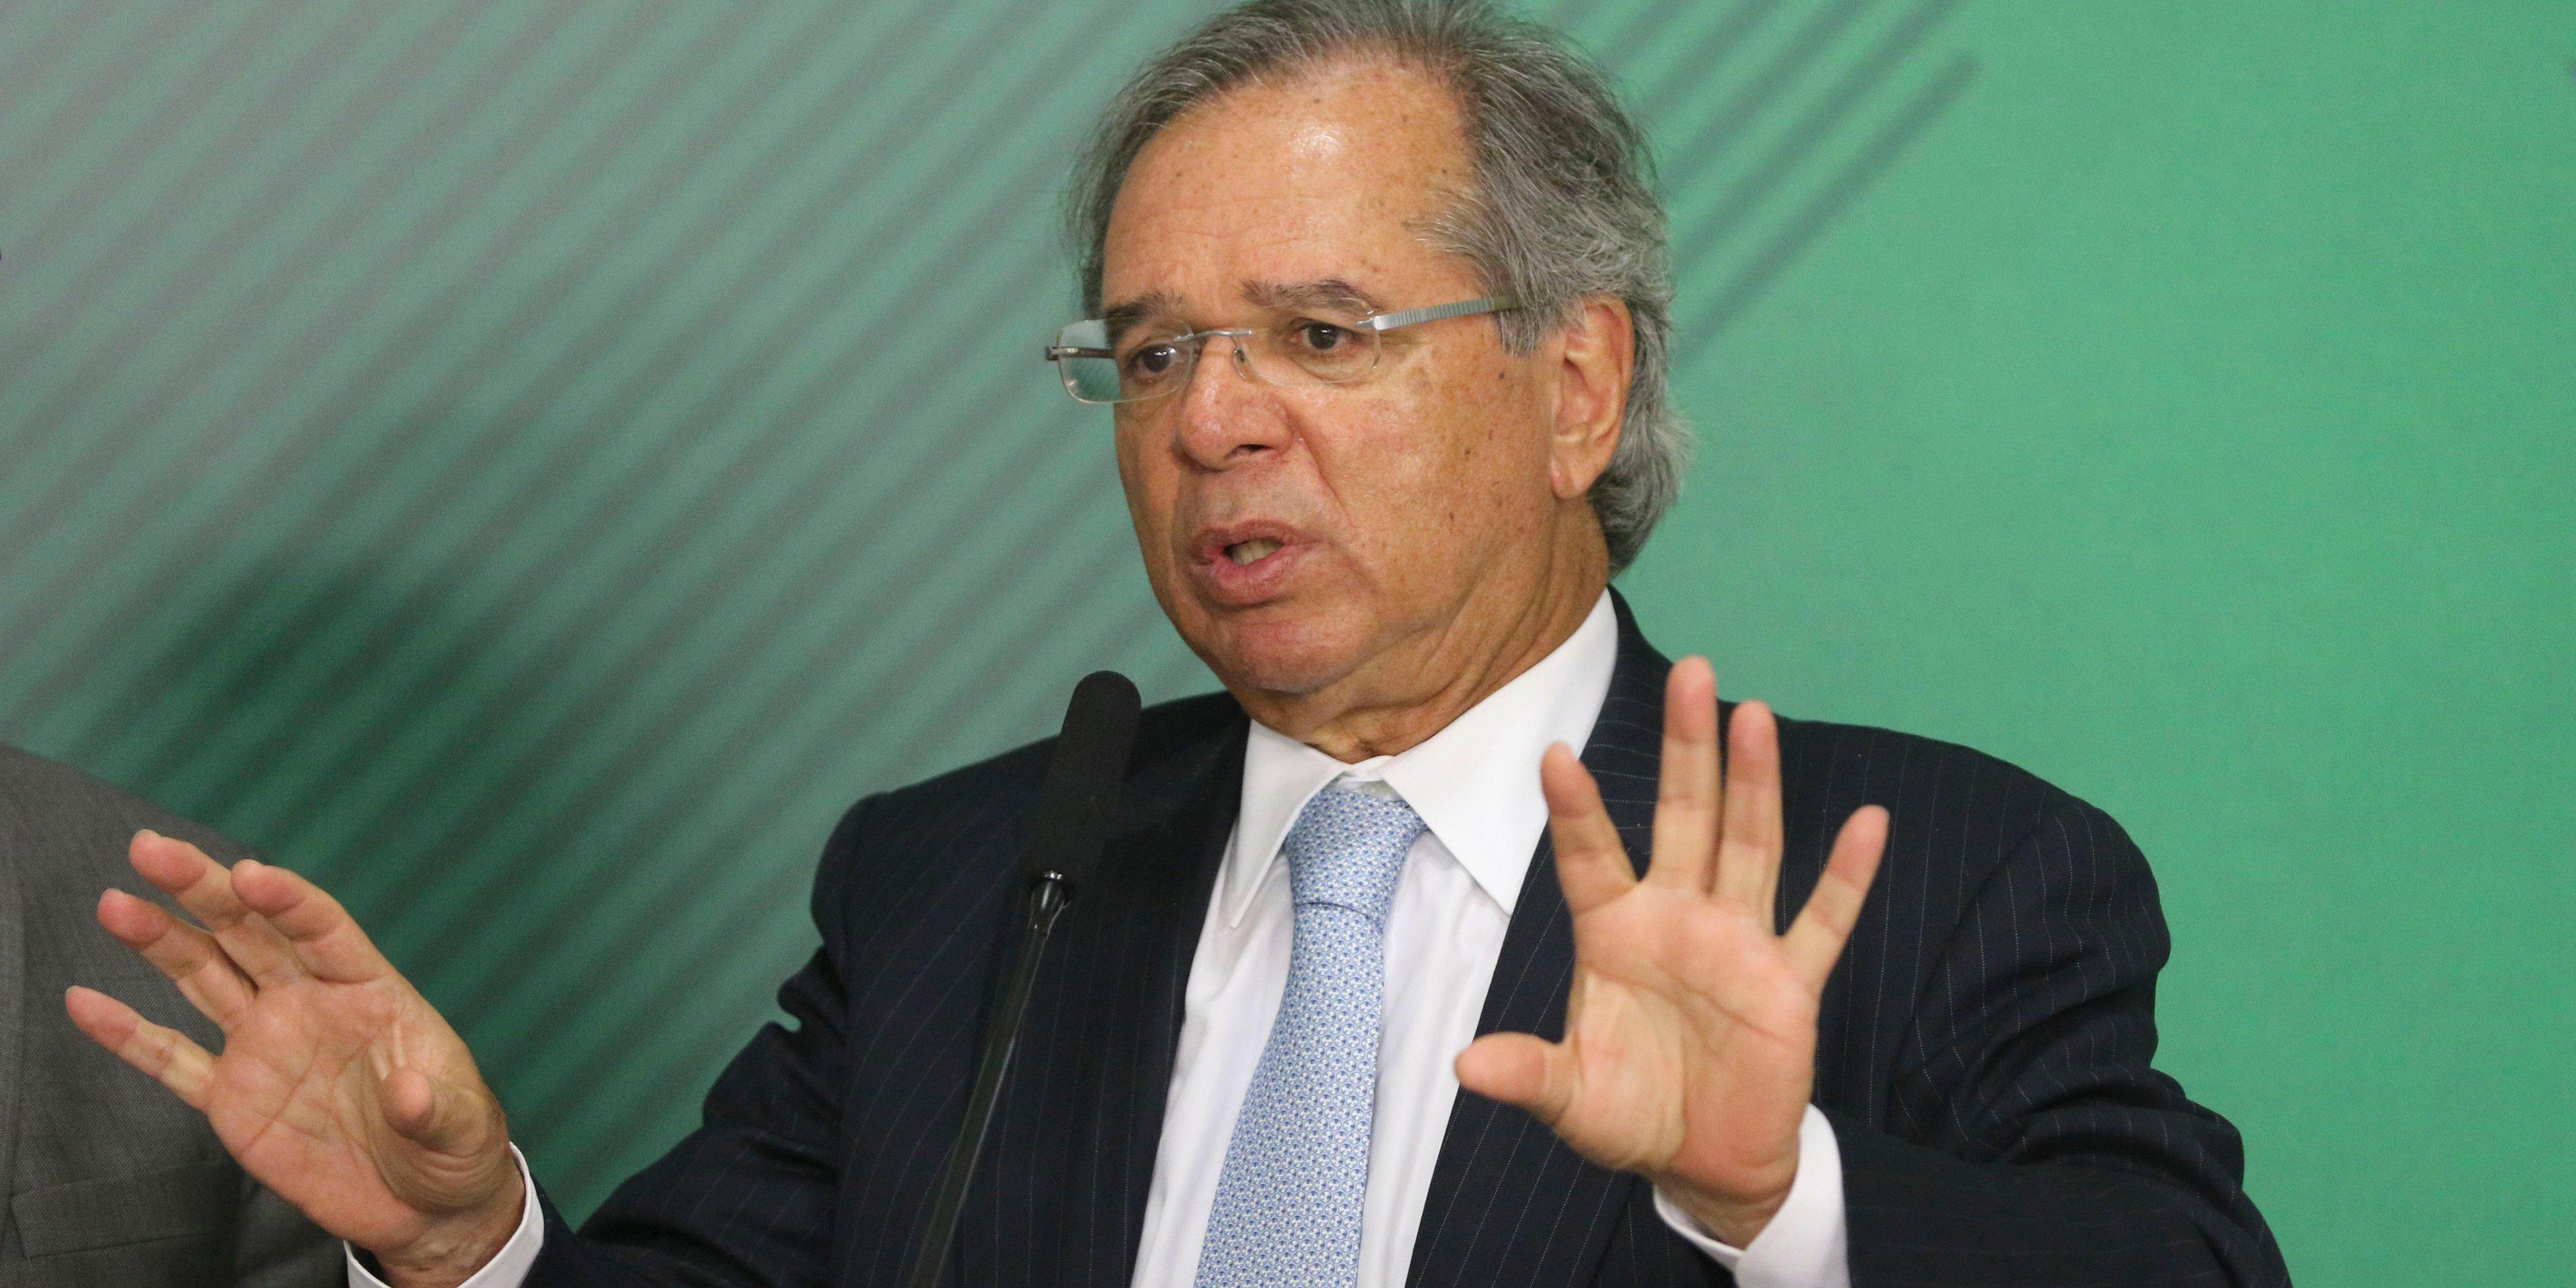 Ministro afirma que governo precisa esperar até 31 de dezembro para fazer avaliações mais precisas